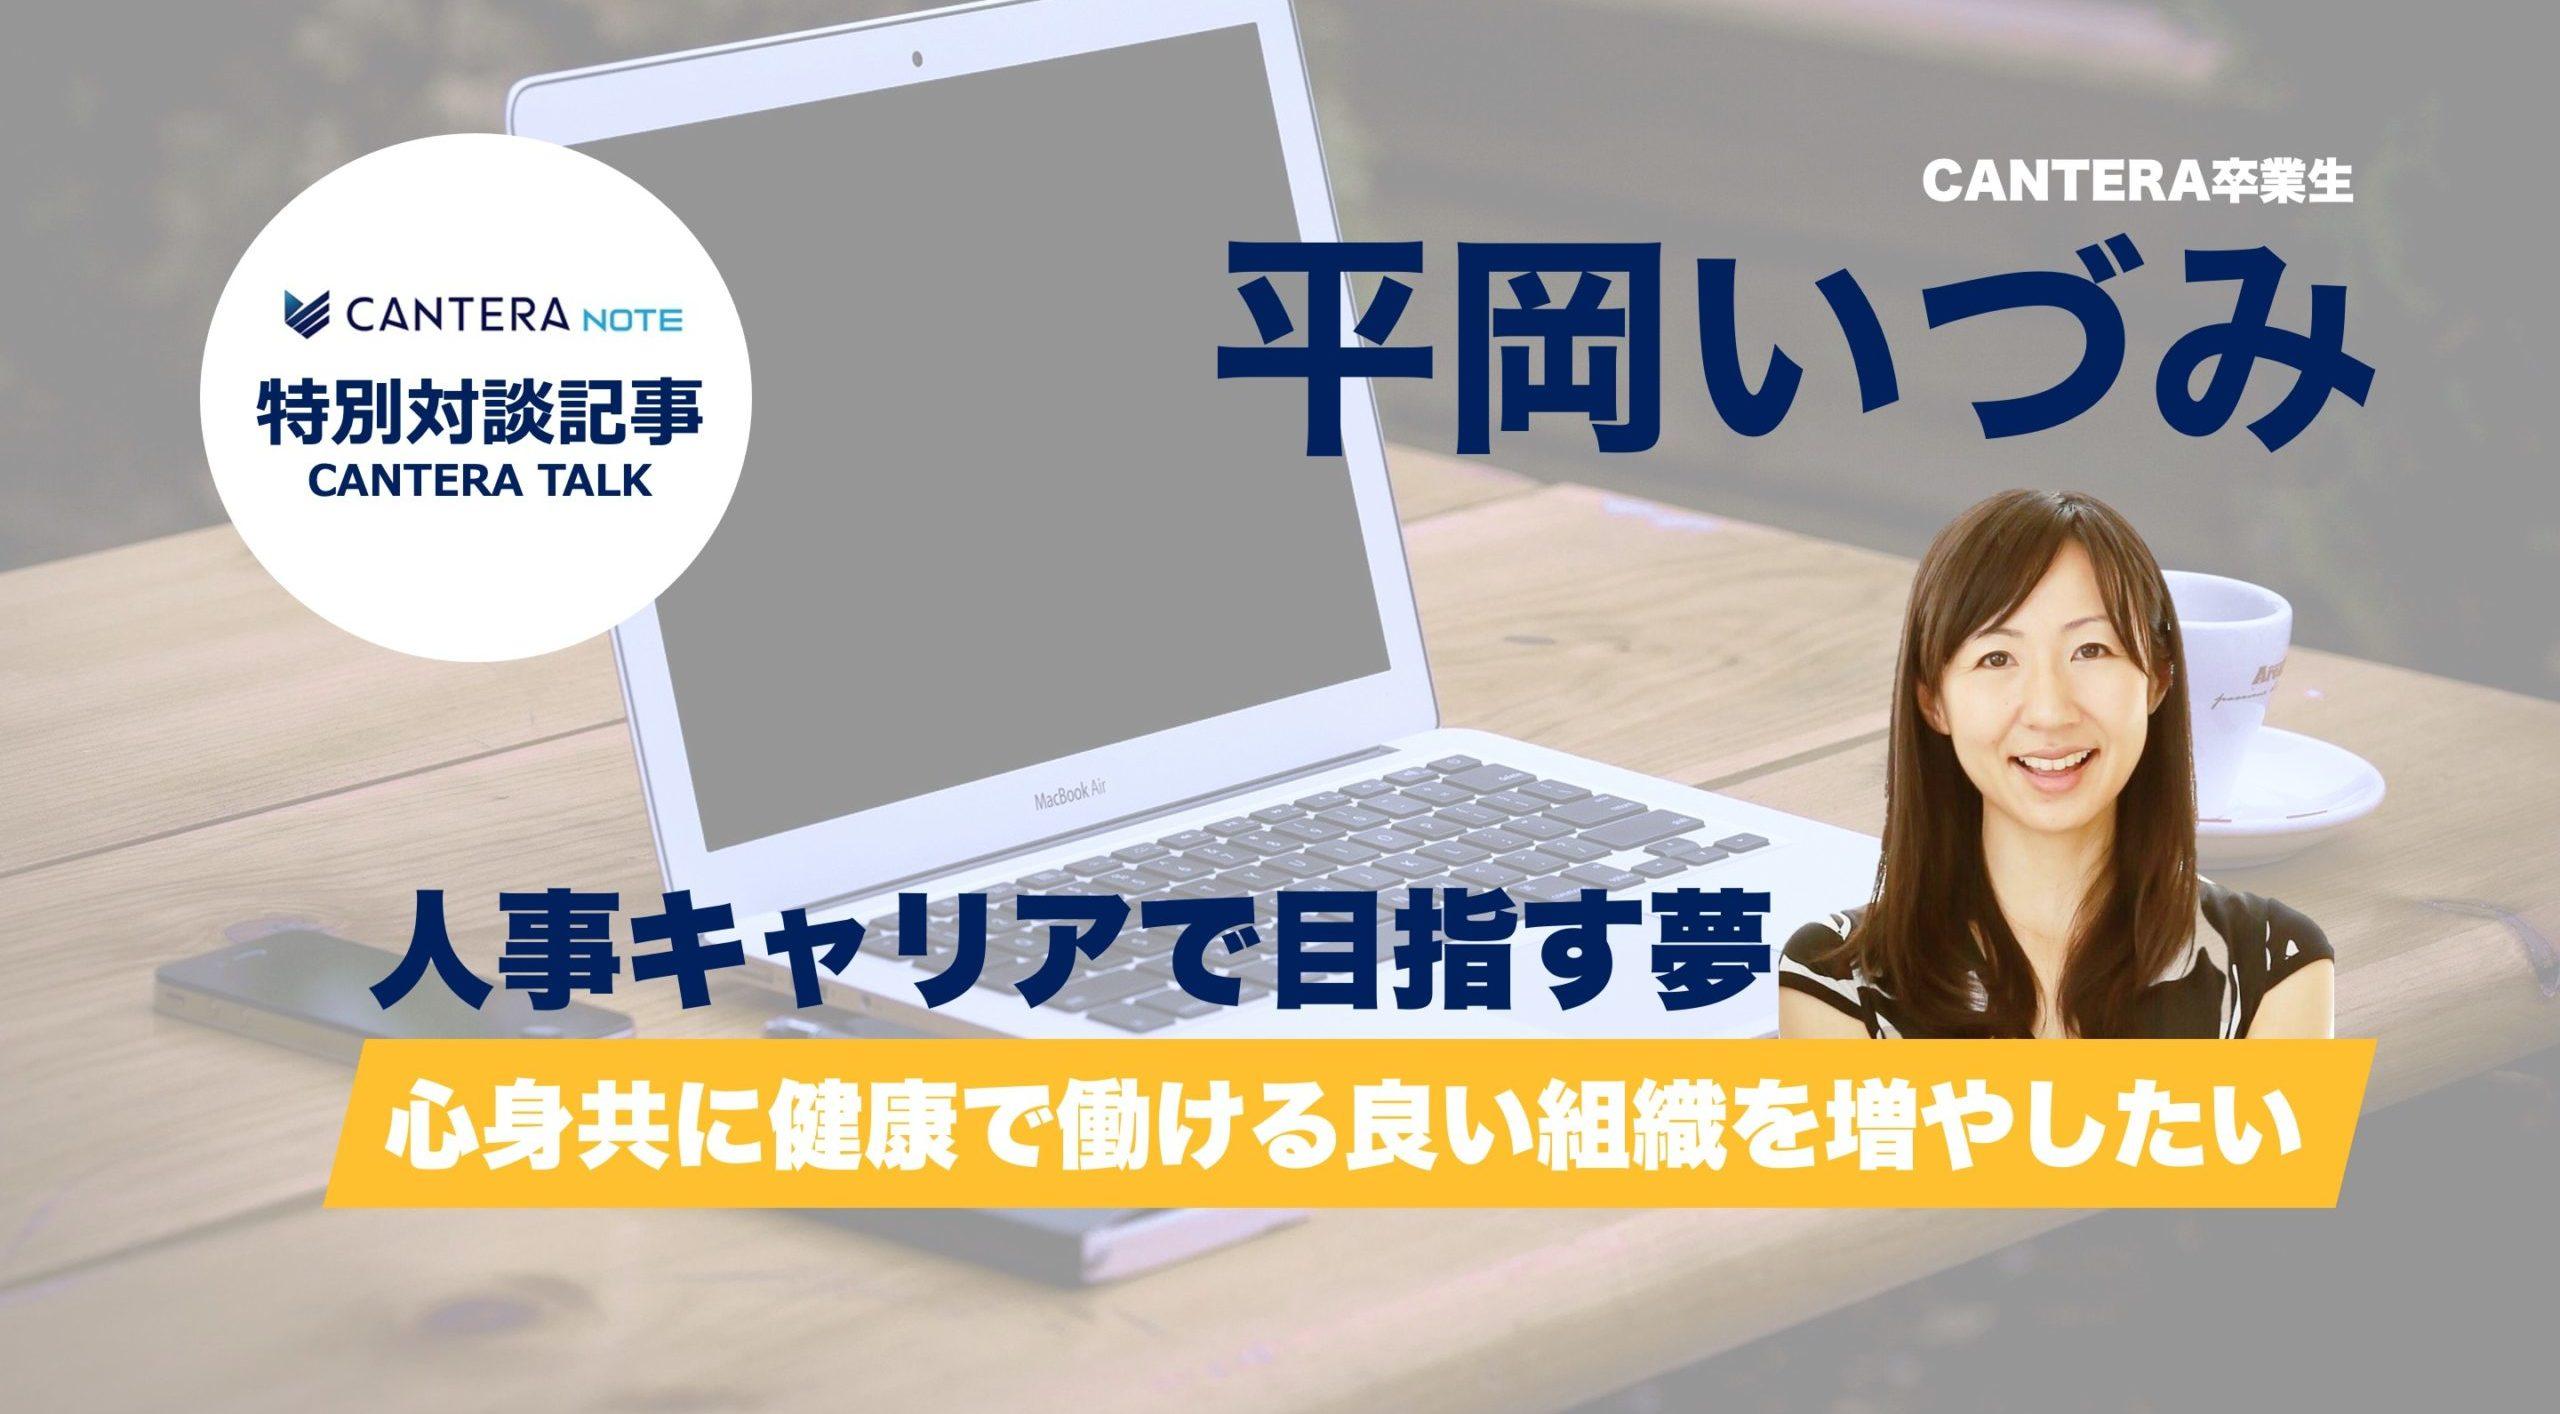 【CANTERA 修了⽣×堀尾司】⼈事キャリアを重ねた平岡いづみさんが「⼼⾝共に健康で働けるいい組織を増やしたい」と思う理由